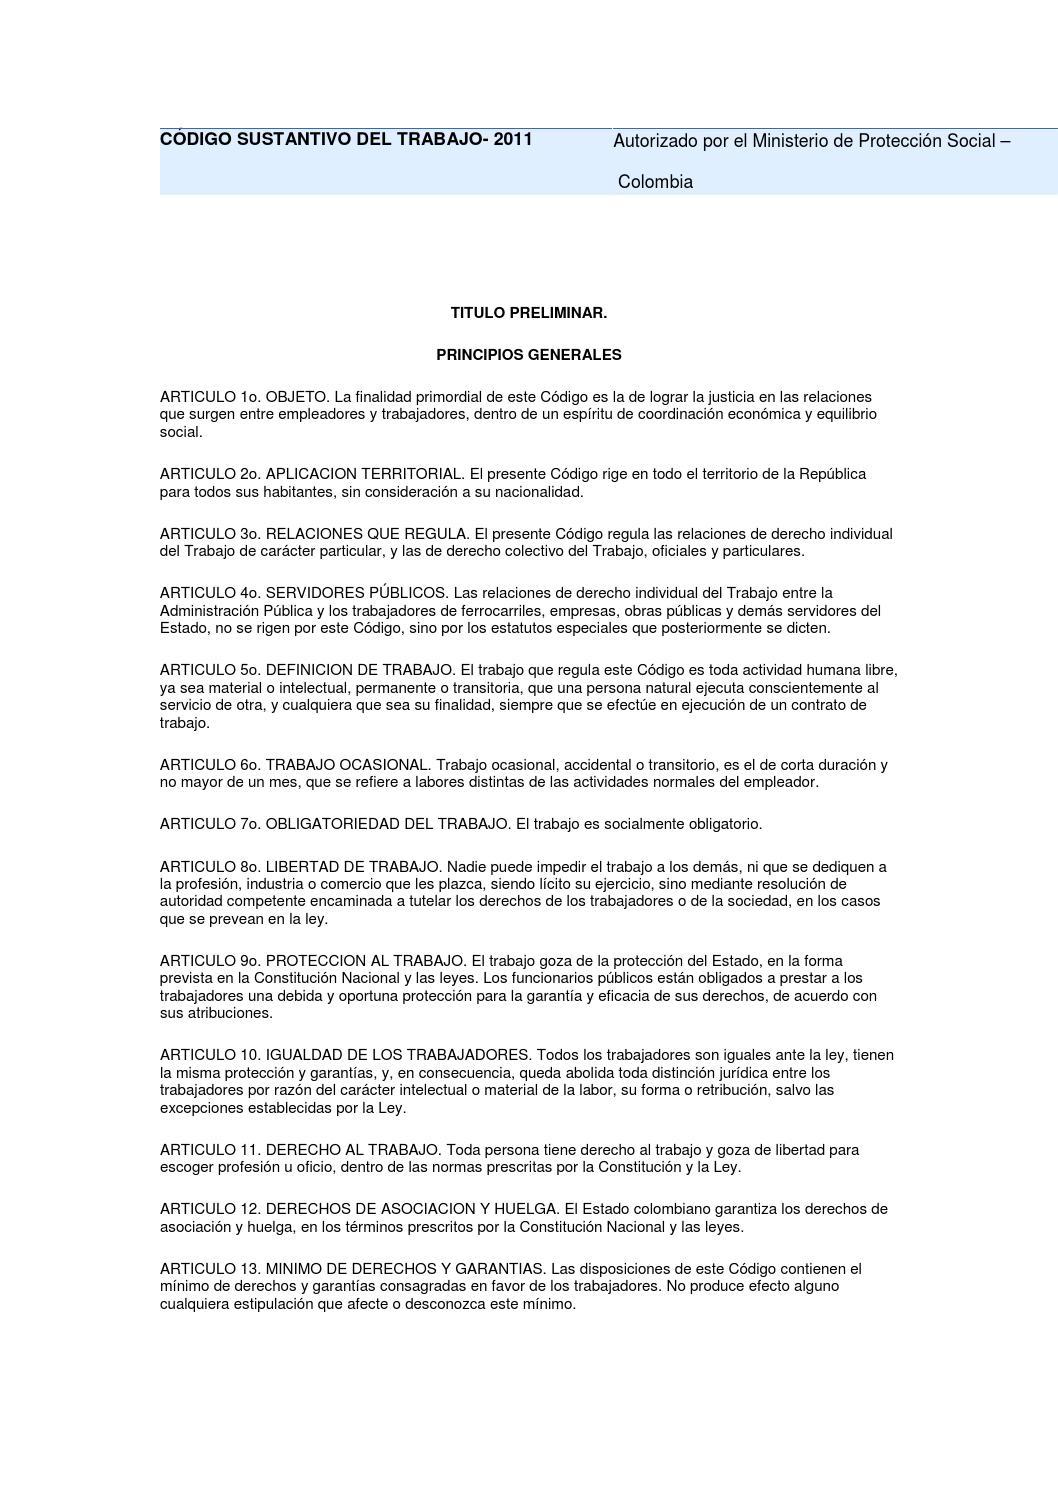 Decreto 2663 de 1950 codigo sustantivo del trabajo colombia by ESE ...